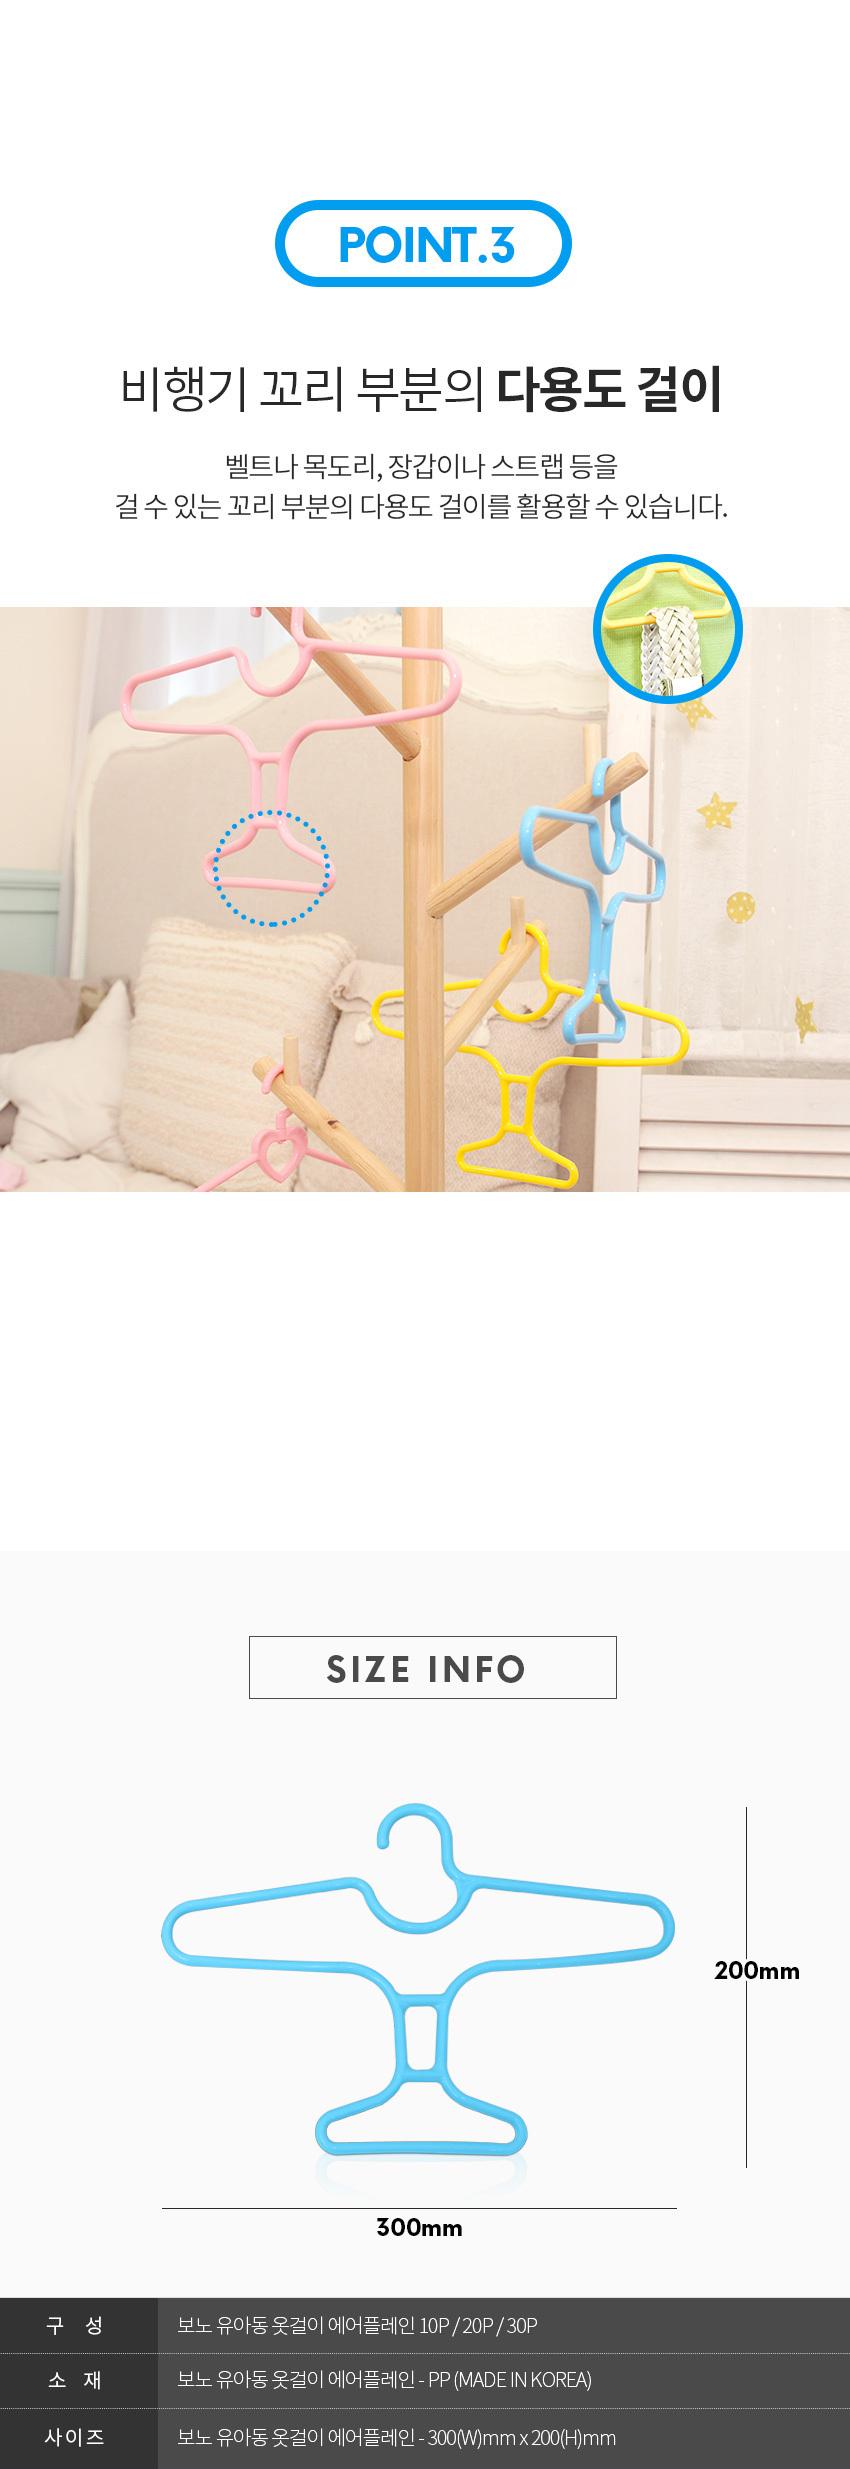 보노 유아동 옷걸이 러블리_에어플레인 (10P/20p/30p) 국내생산/무료배송 - 보노하우스, 8,900원, 행거/드레스룸/옷걸이, 옷걸이/플라스틱